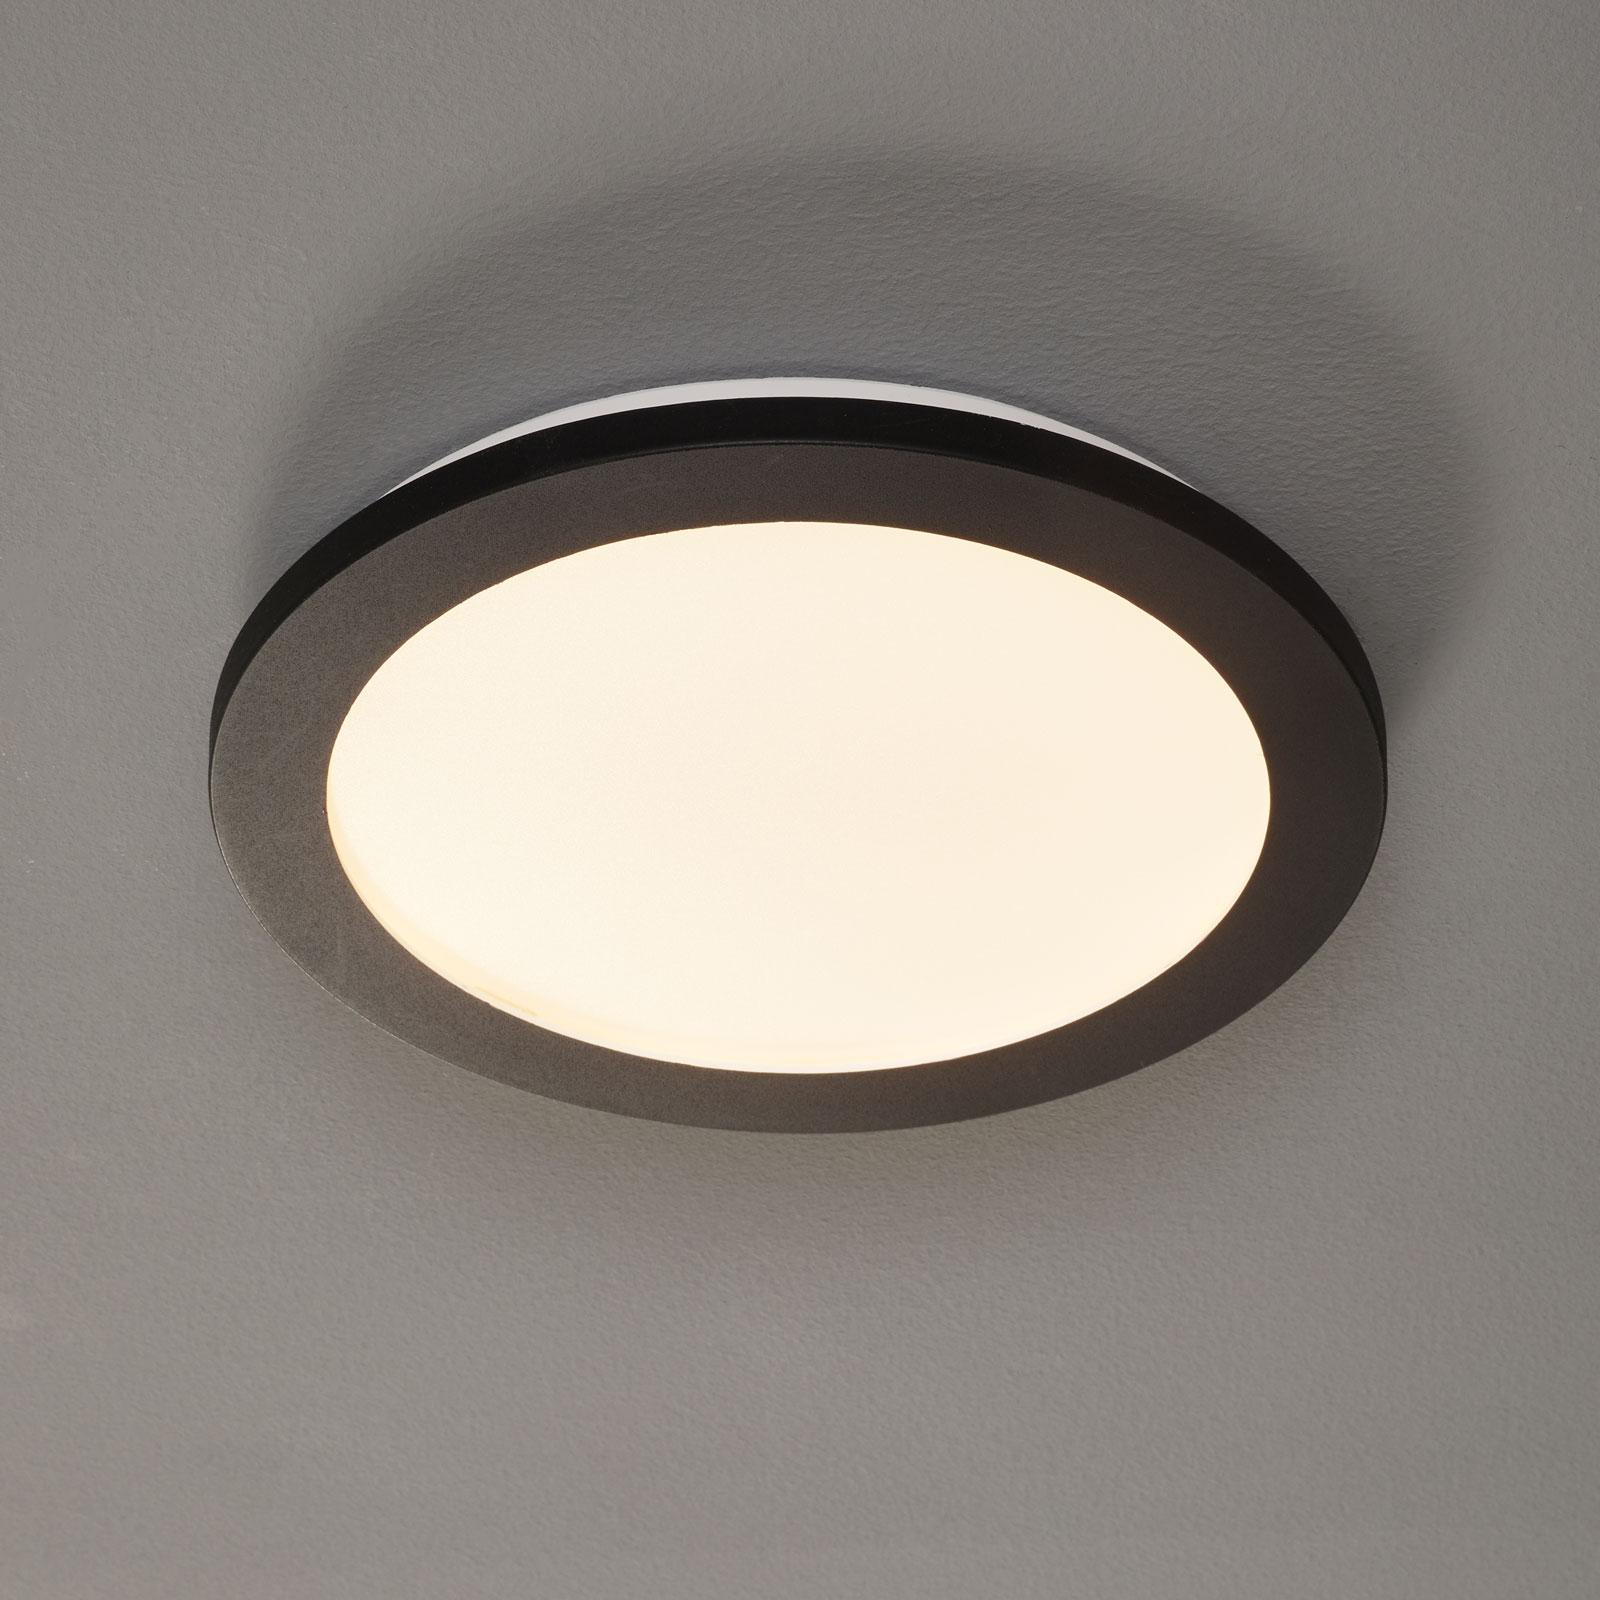 LED-kattolamppu Camillus, pyöreä, Ø 26 cm